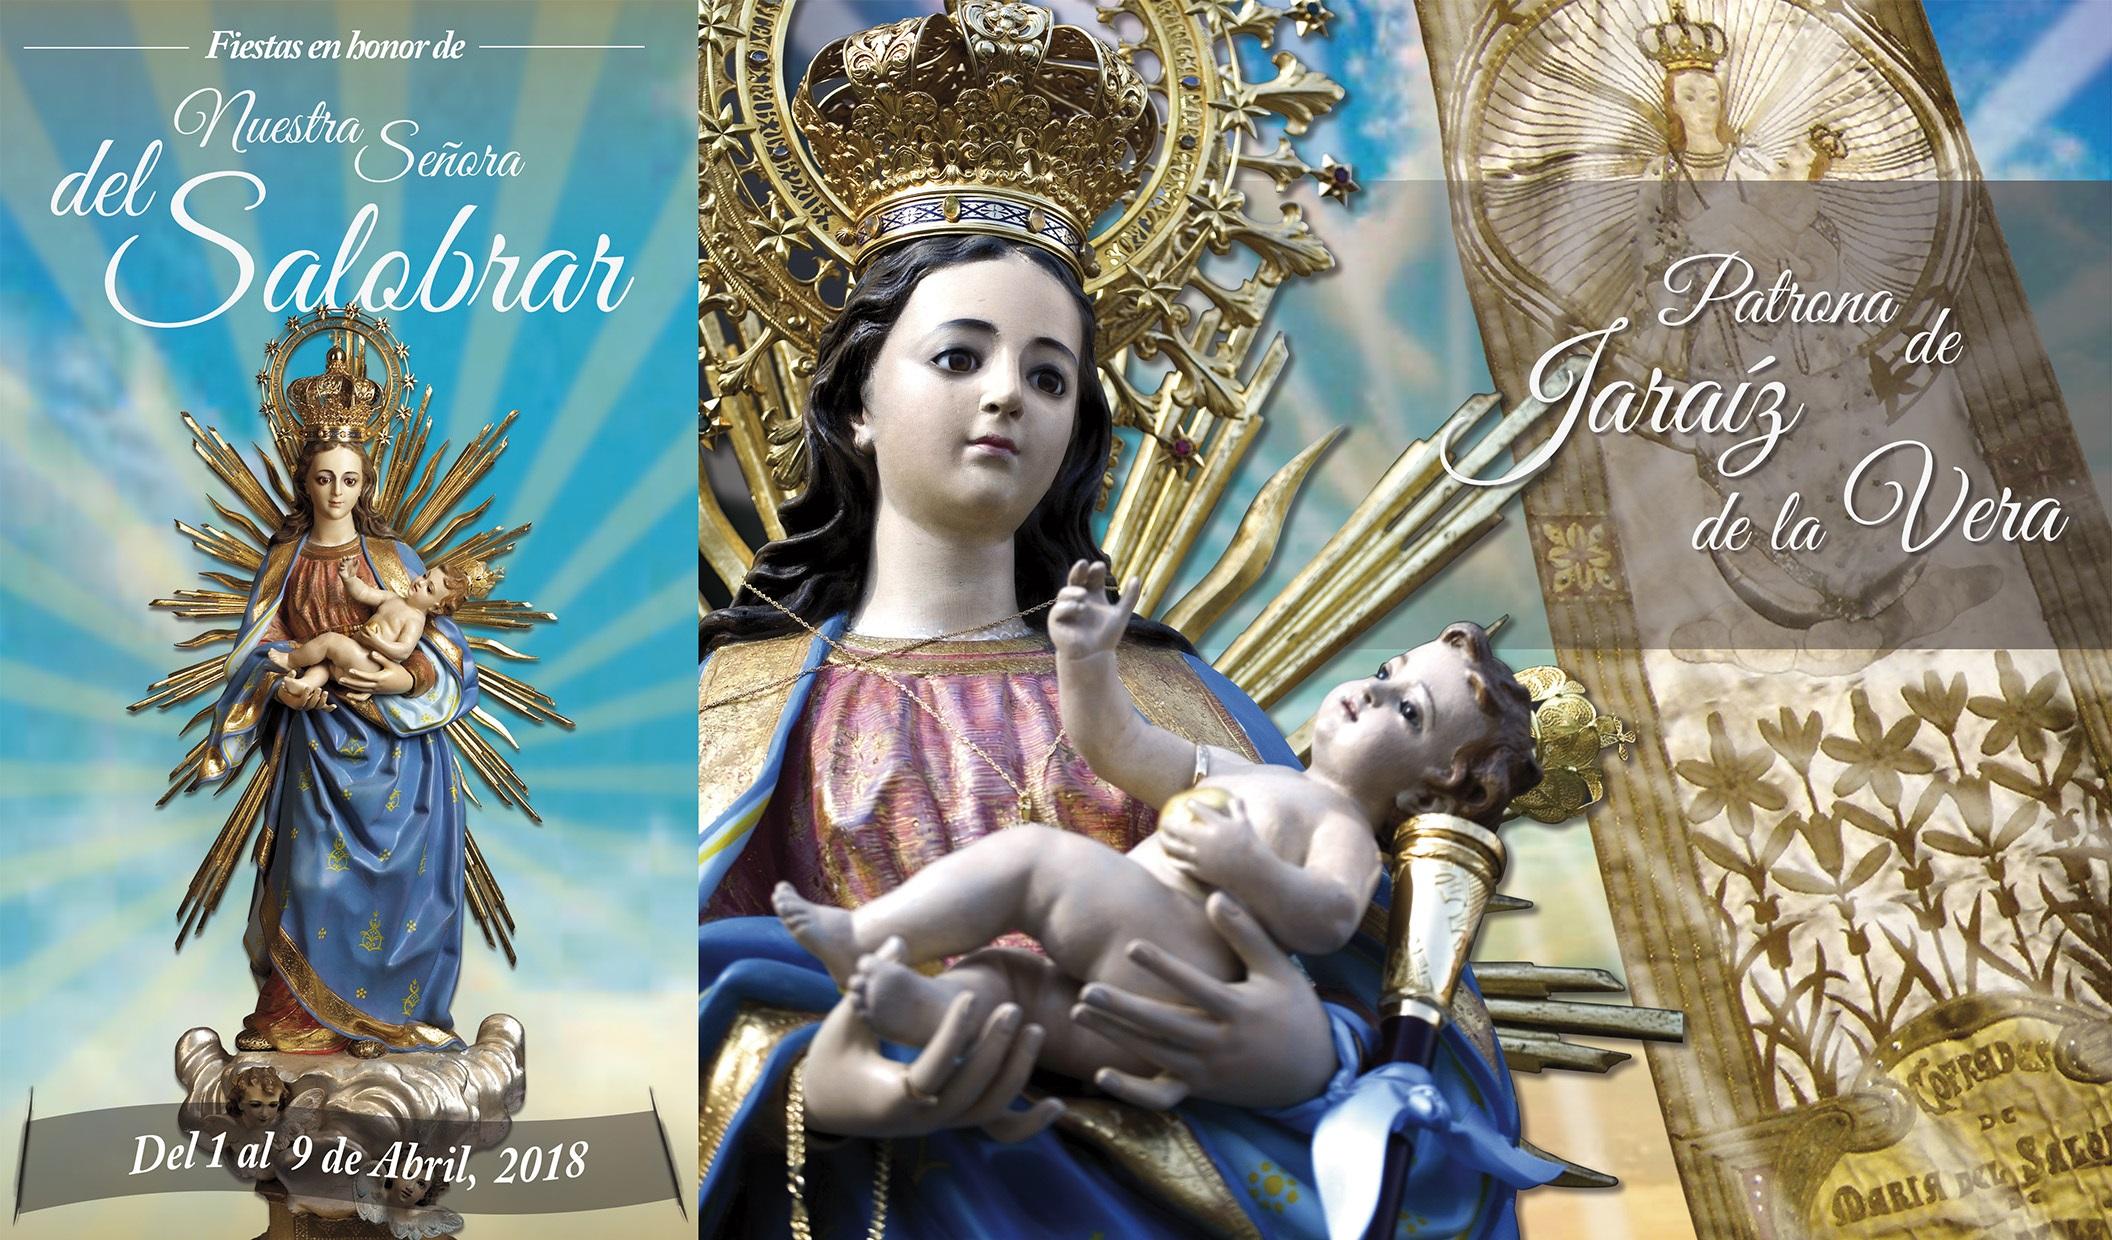 Comienzan las fiestas patronales de Ntra. Sra. del Salobrar – Patrona de Jaraíz de la Vera